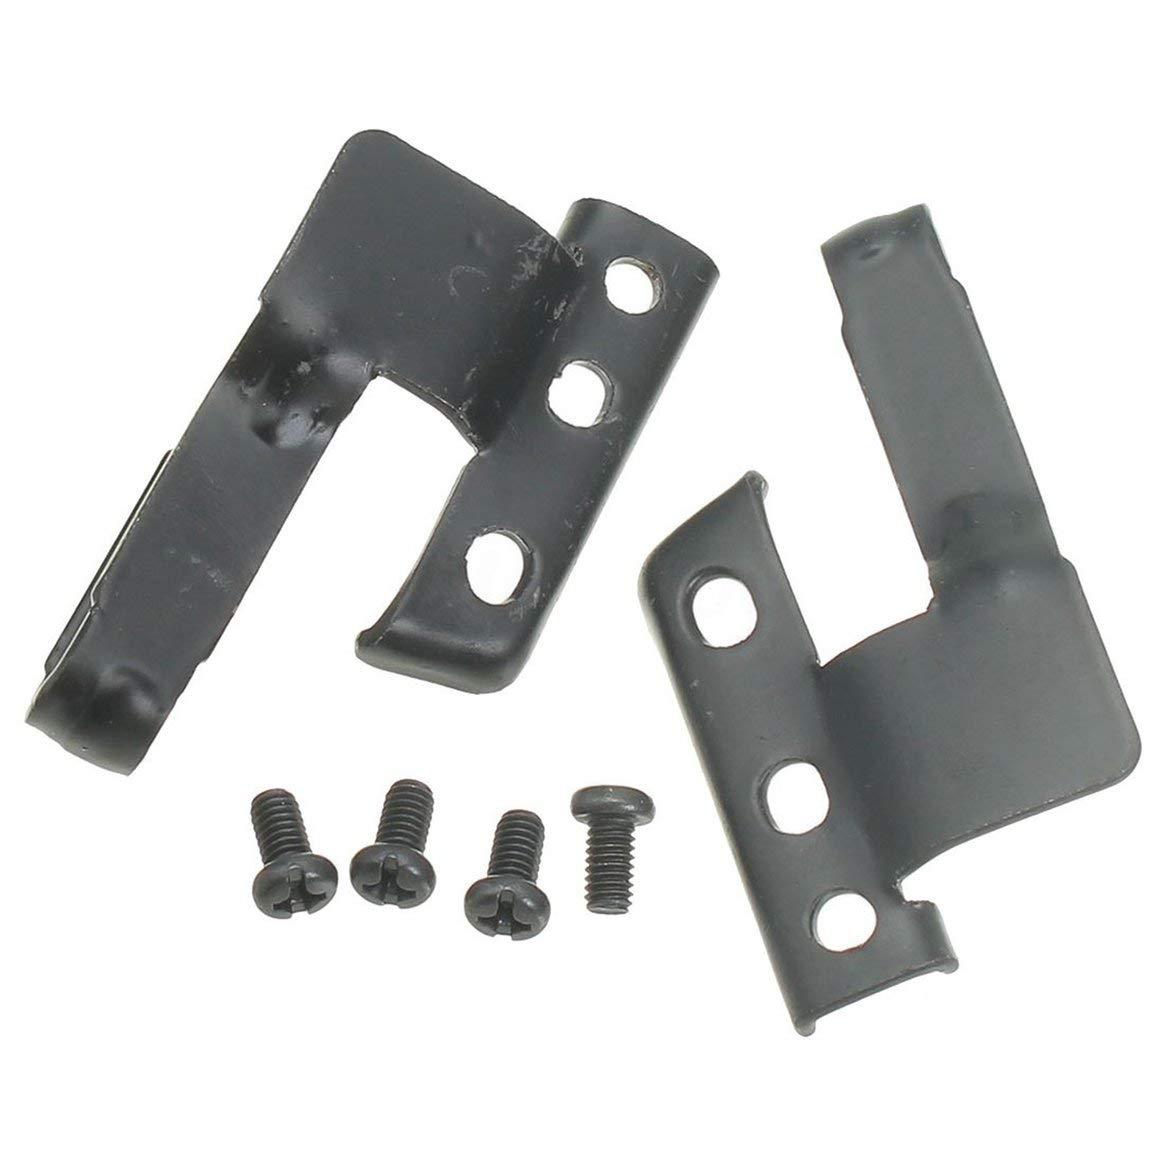 dfhffghfdgjfh 2 X Bosch 3392390298 Kit de adaptador de brazo de limpiaparabrisas NUEVO (negro): Amazon.es: Coche y moto